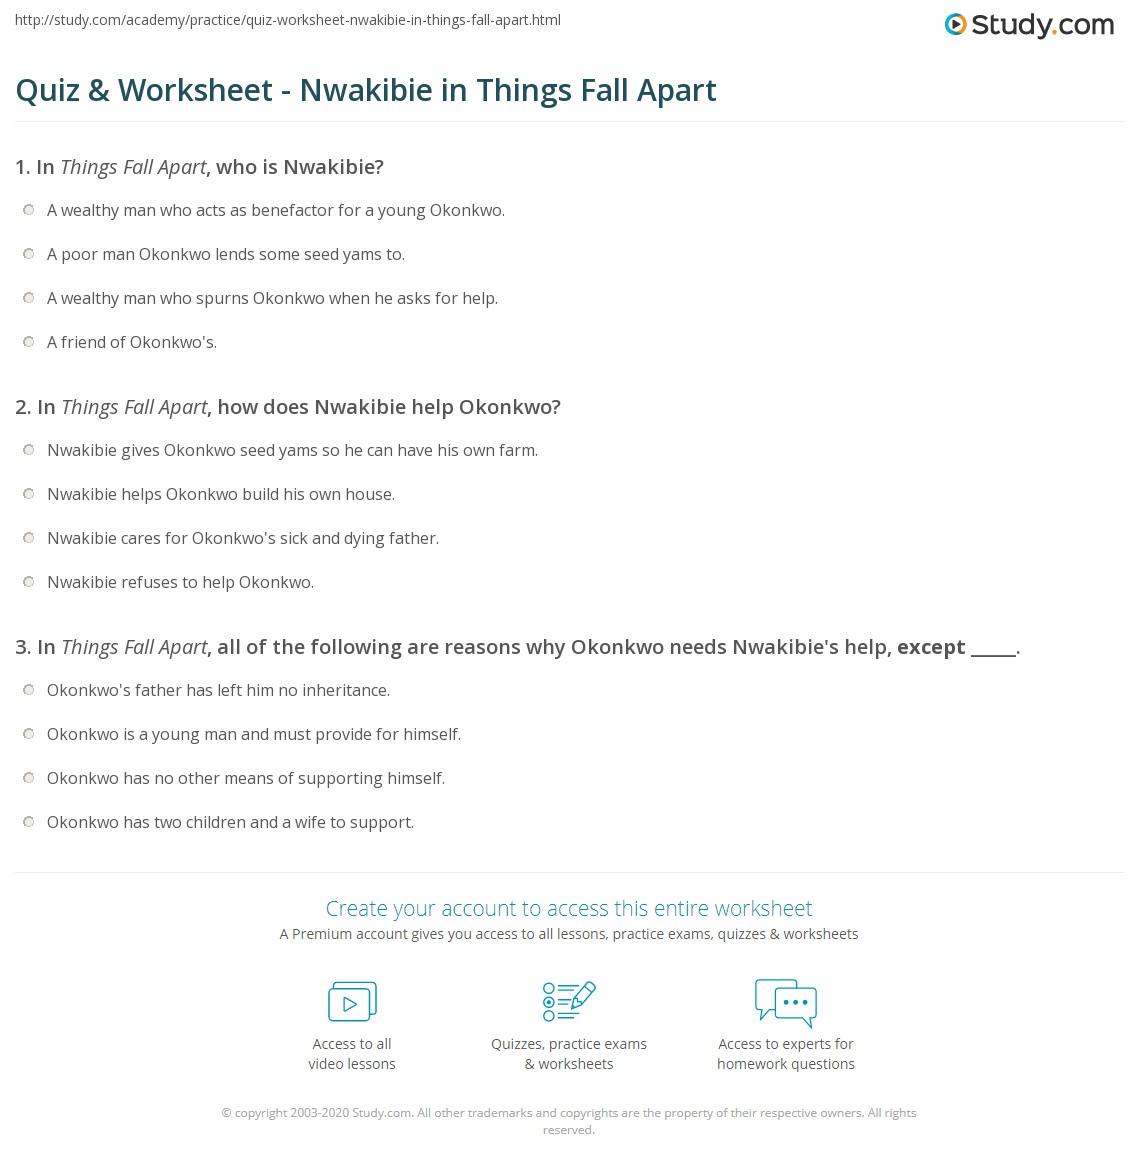 Quiz & Worksheet - Nwakibie In Things Fall Apart